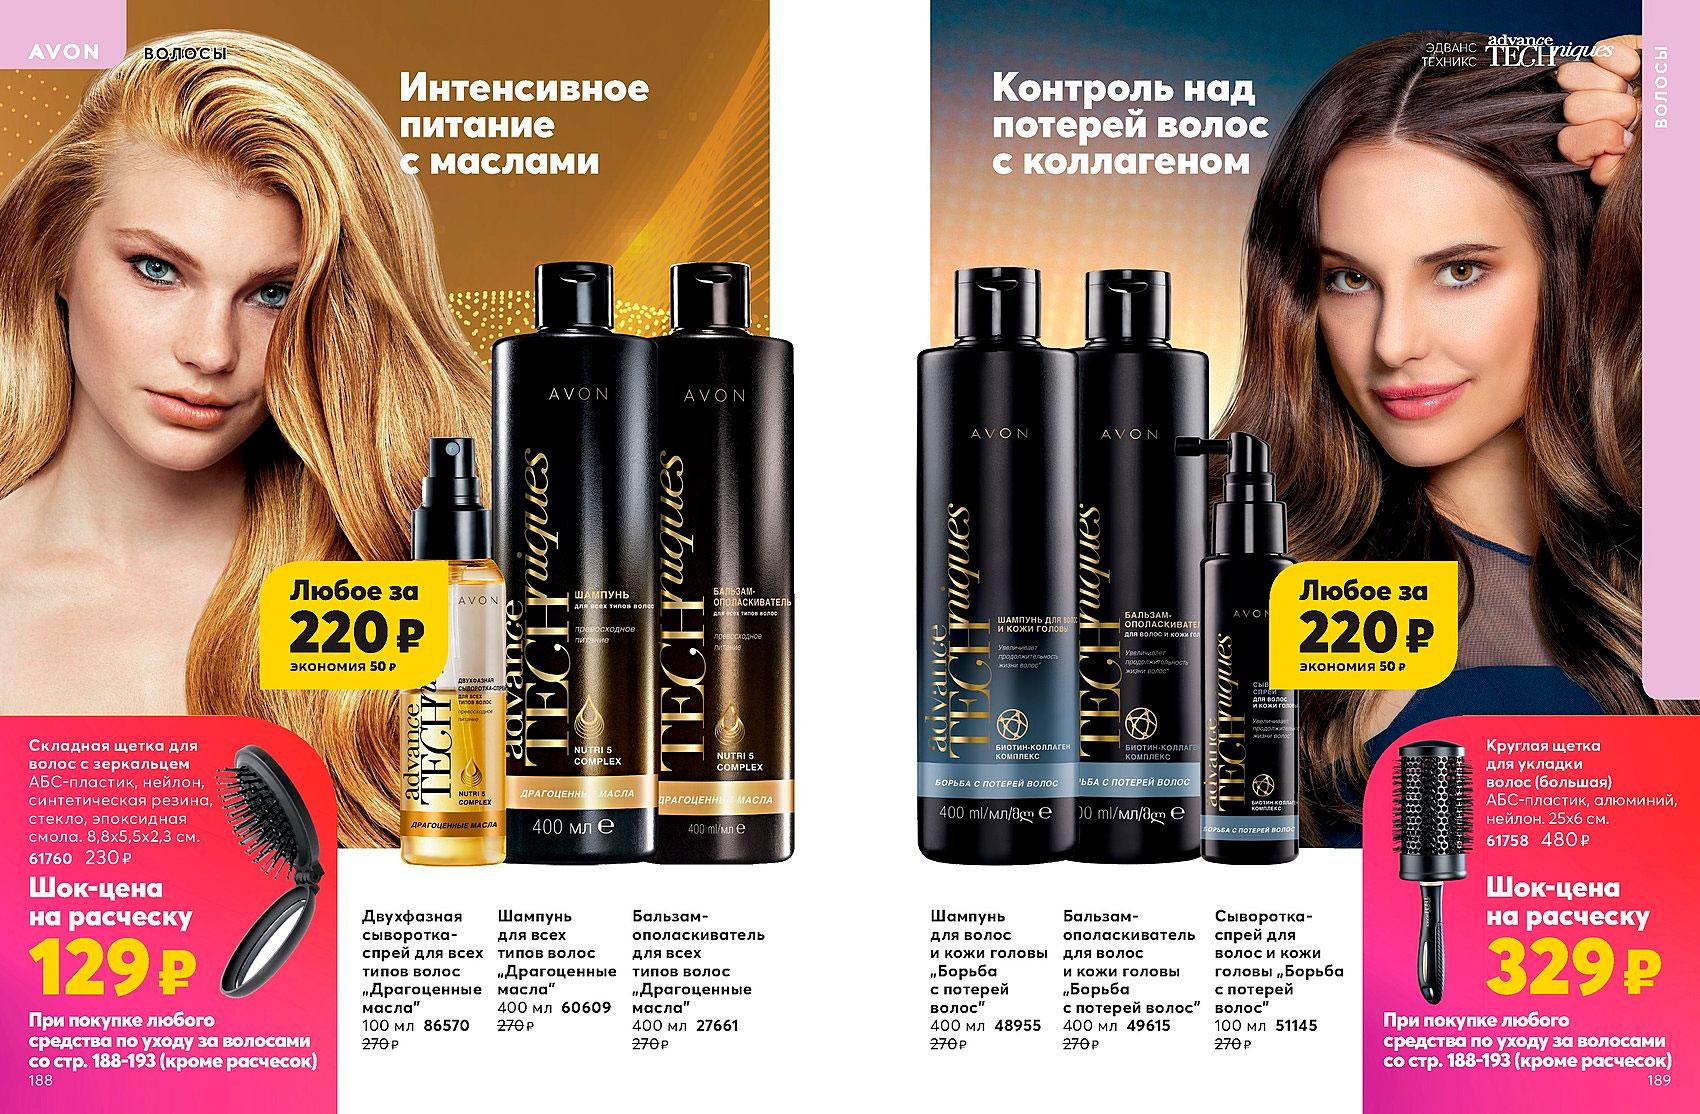 Эйвон каталог 10 2013 смотреть онлайн бесплатно россия косметика mentholatum купить